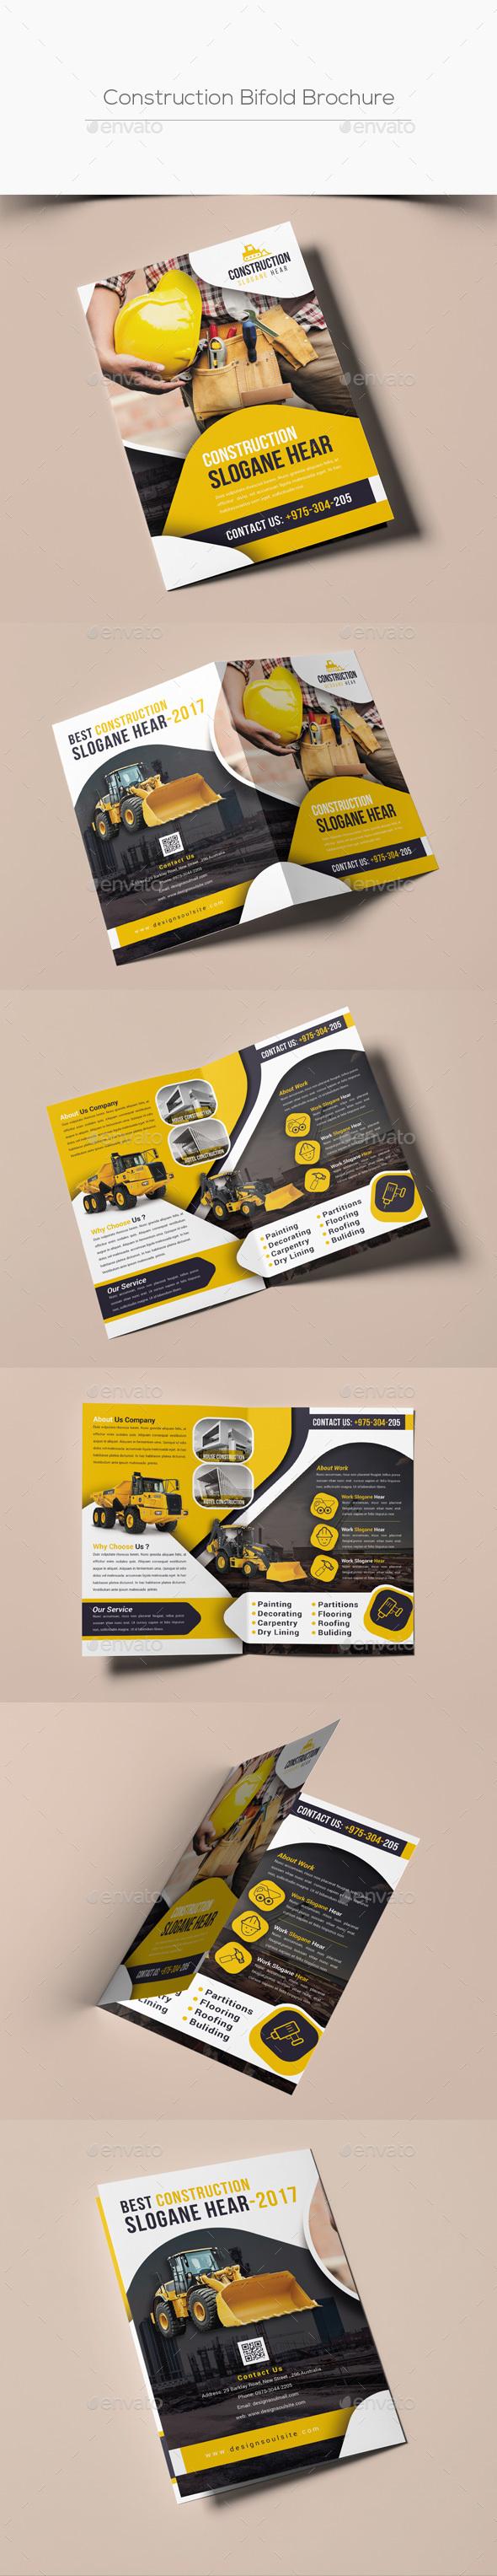 Construction Bifold Brochure - Corporate Brochures